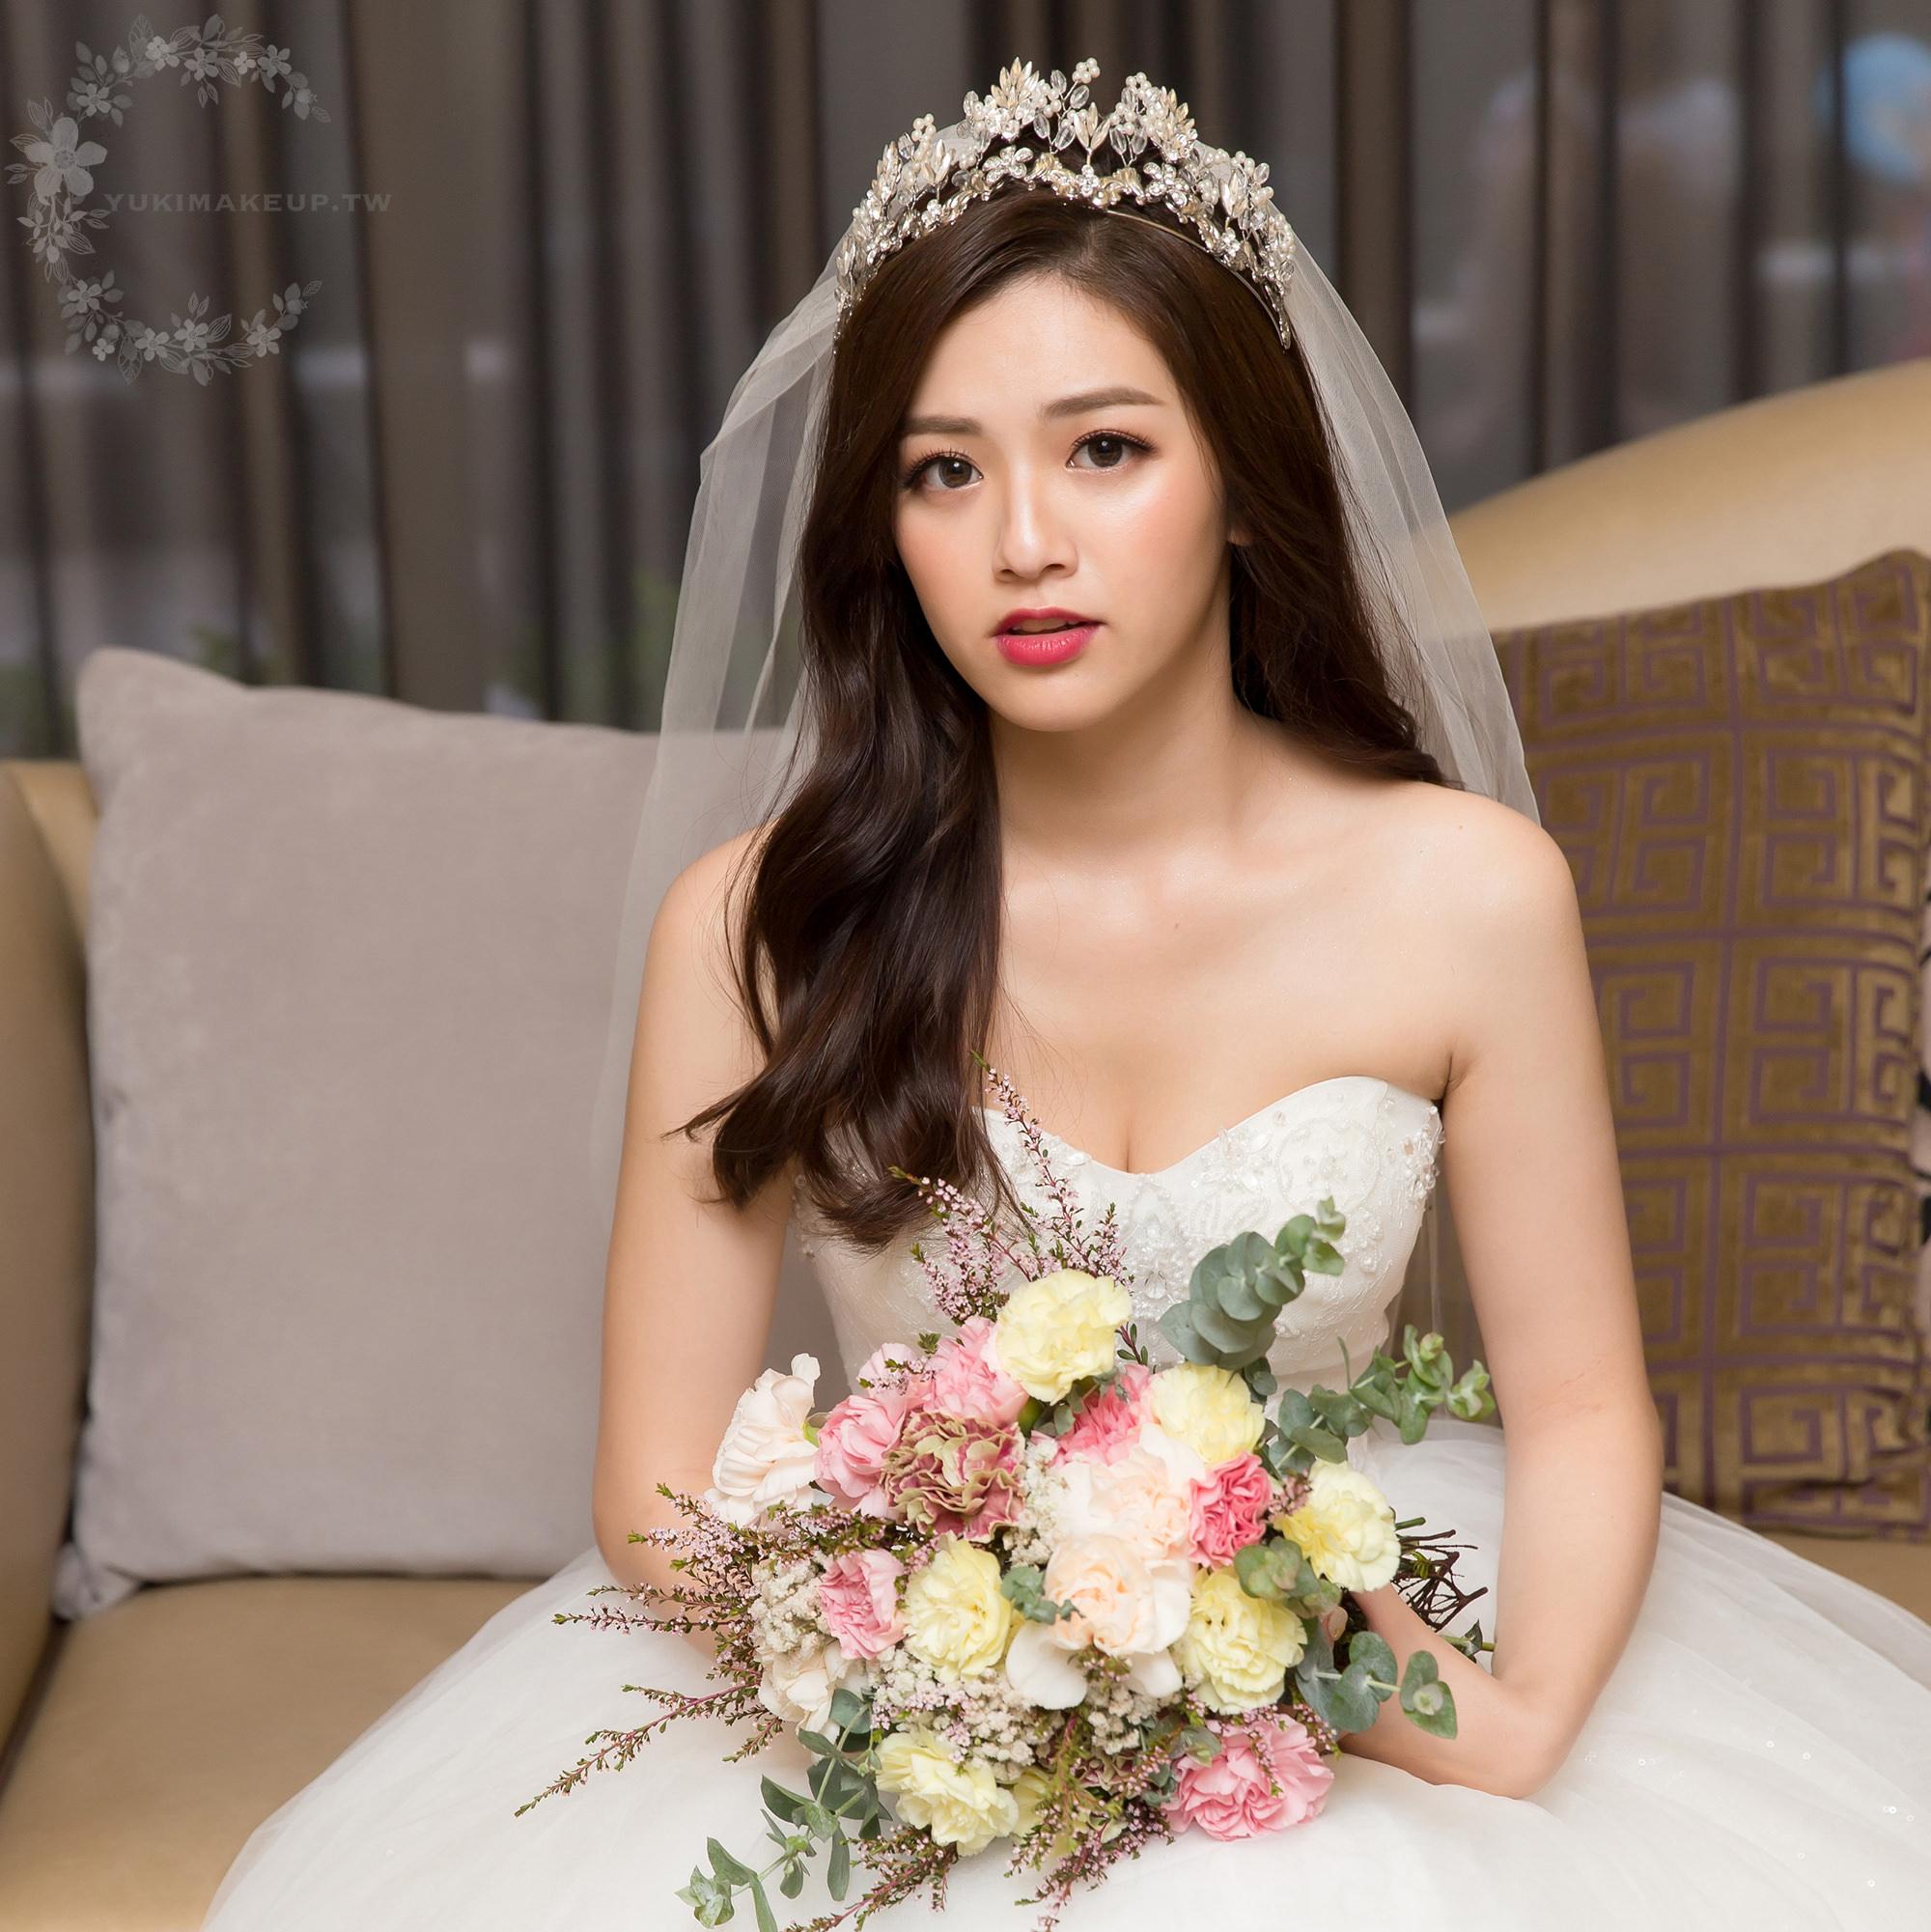 新娘捧花、粉色系捧花、不規則捧花、自然莖捧花、捧花新秘、鮮花新秘